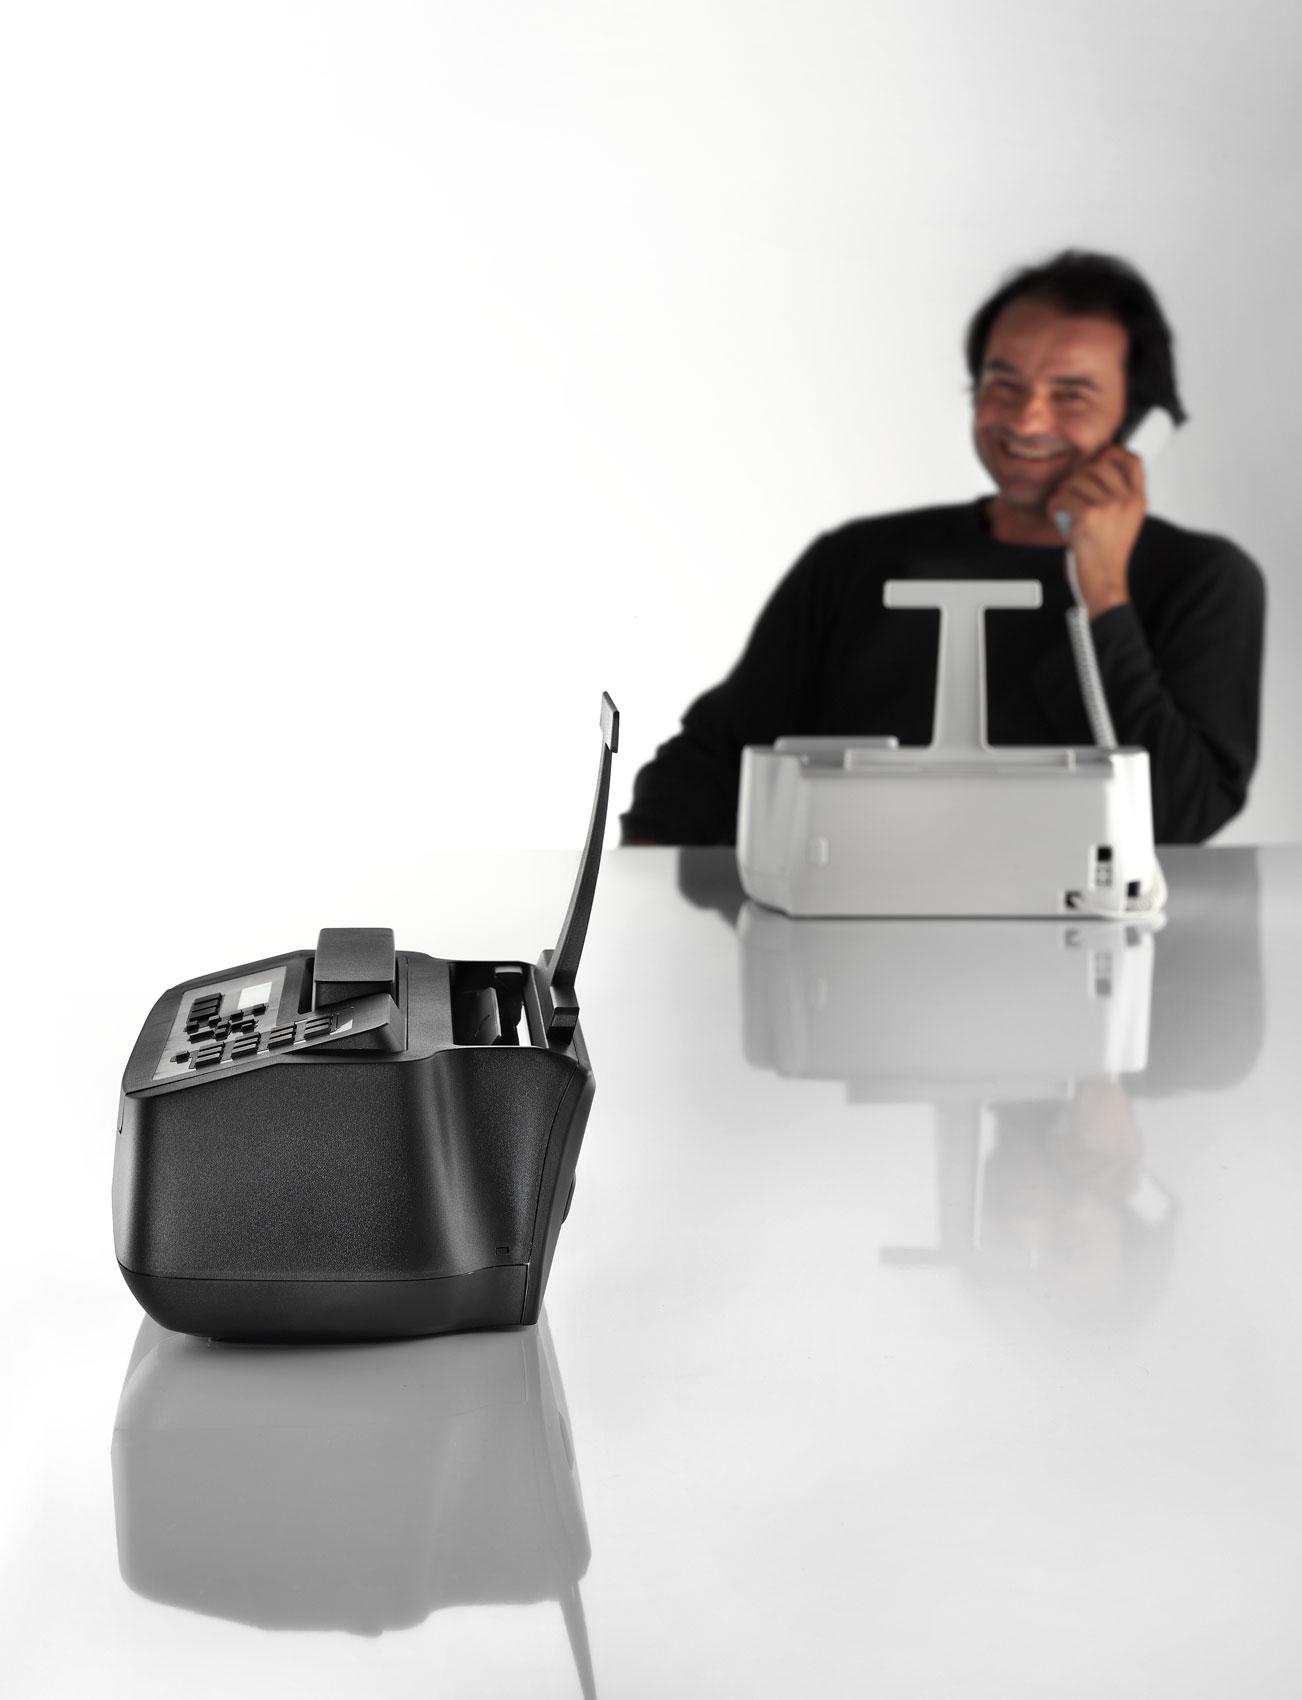 marco-zito-fax-03